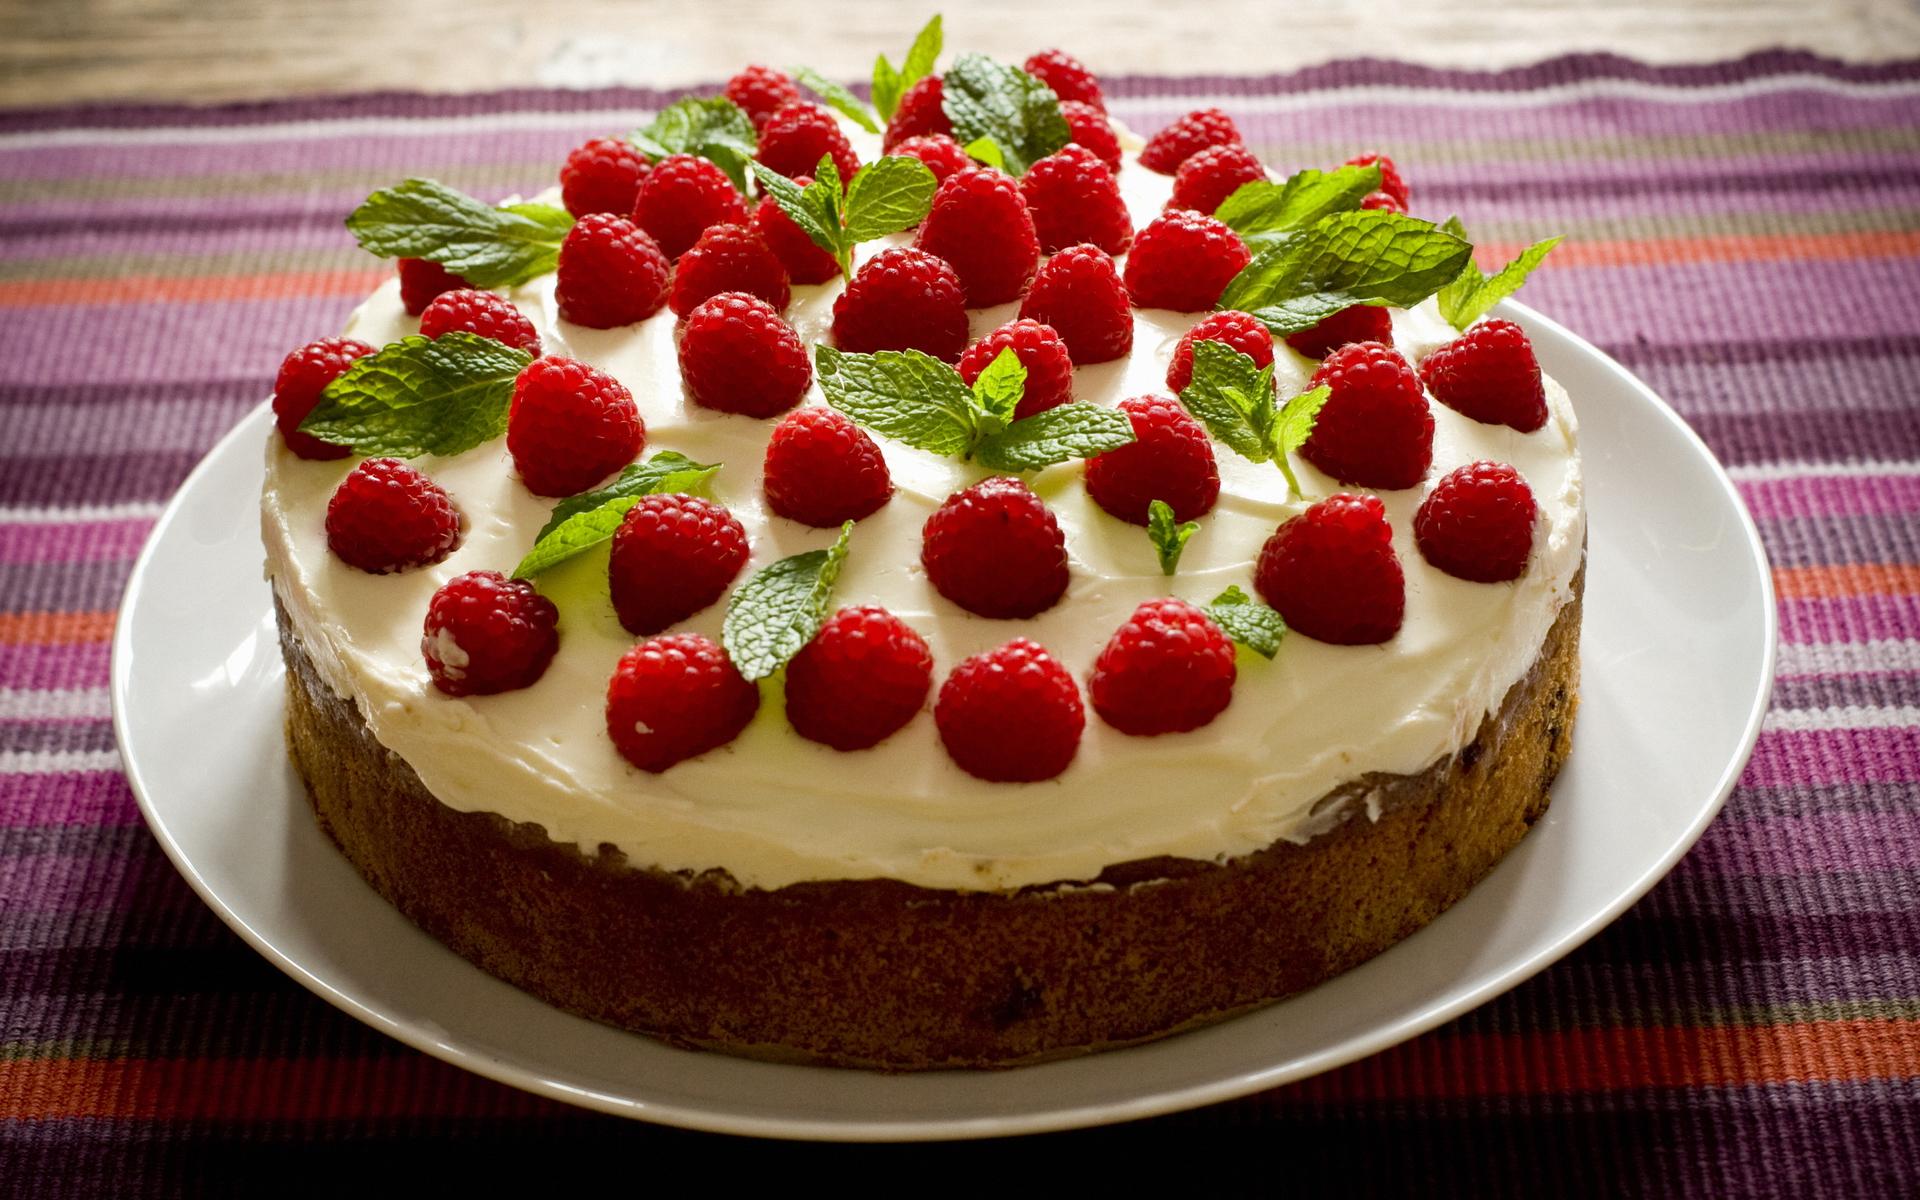 торт пирог  № 1406600 загрузить